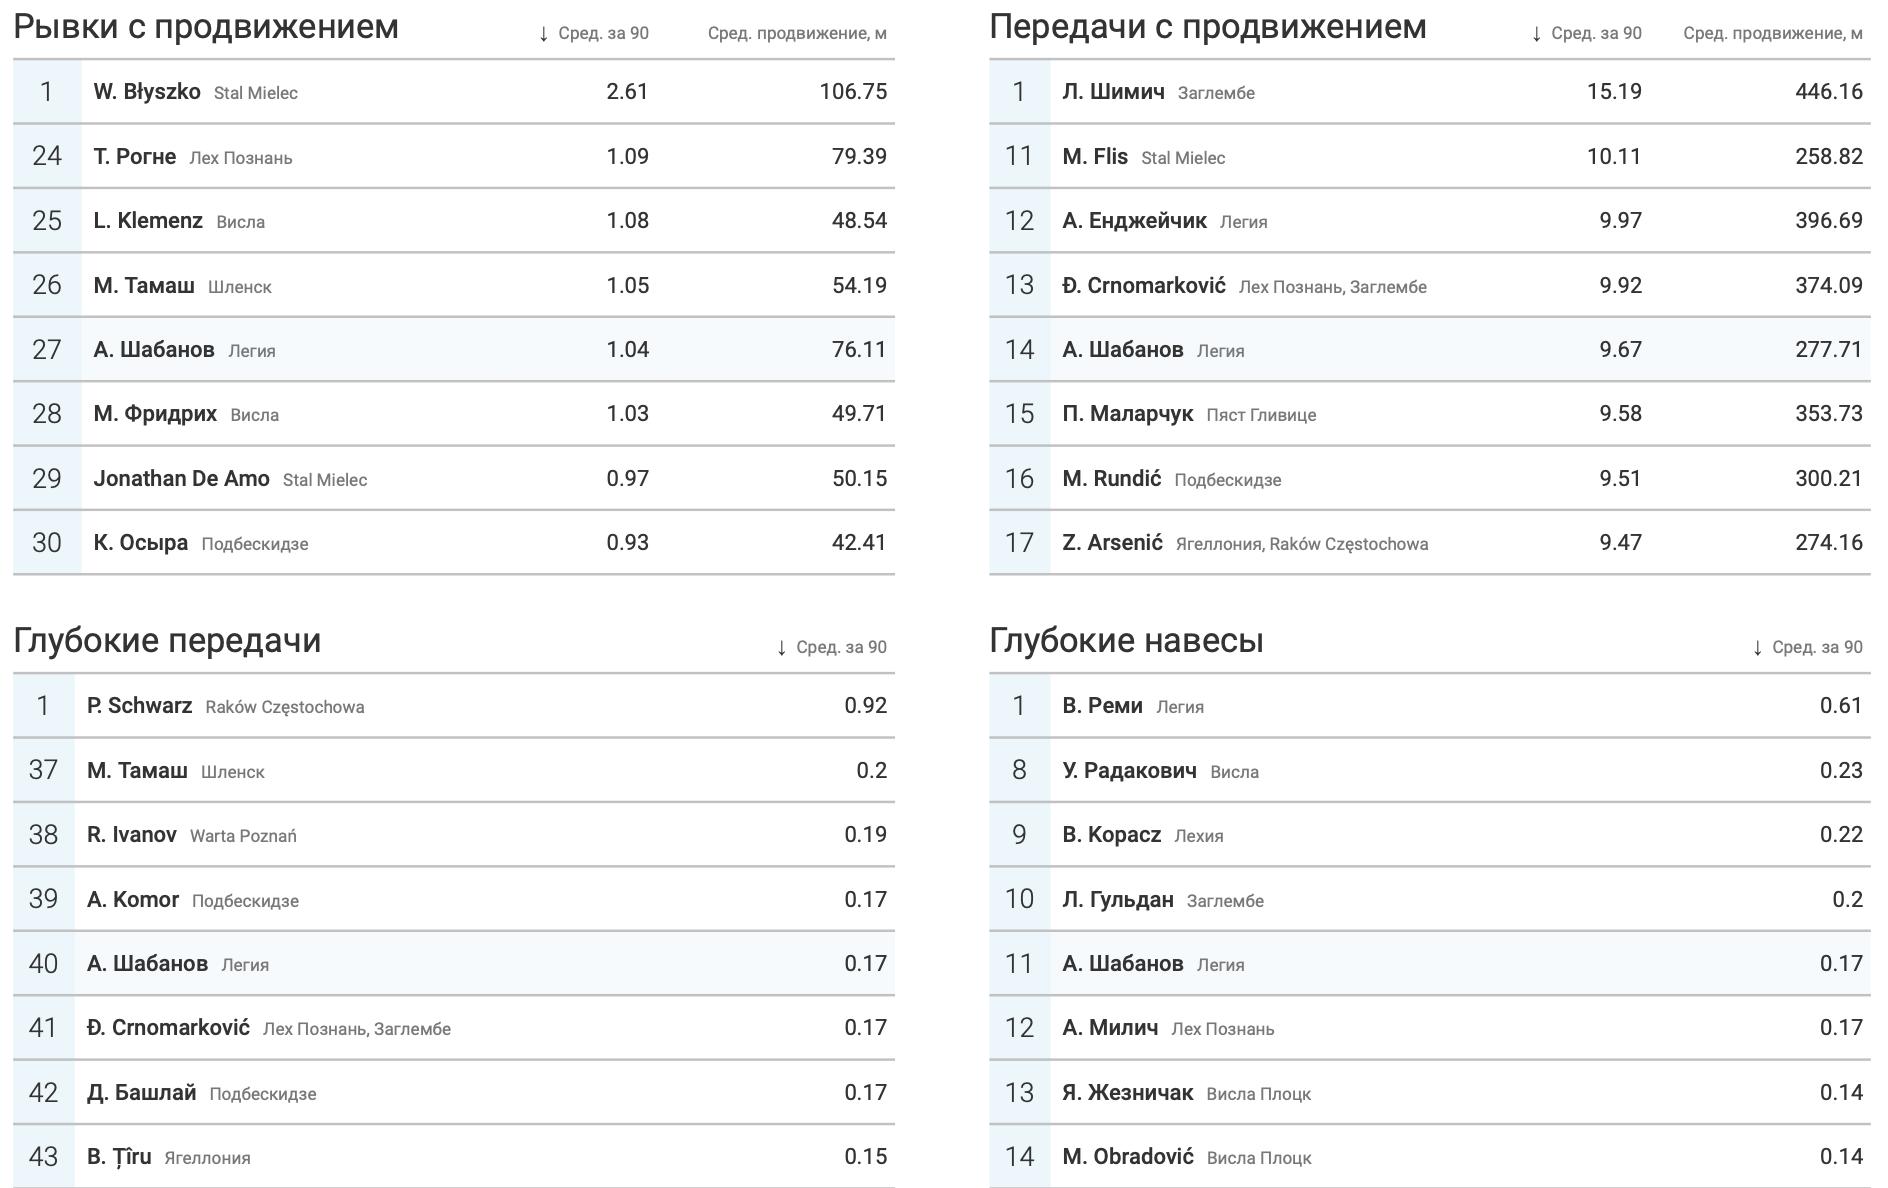 Шабанов в «Легии» в цифрах WyScout: почему поляки хотят выкупить украинца? - изображение 12